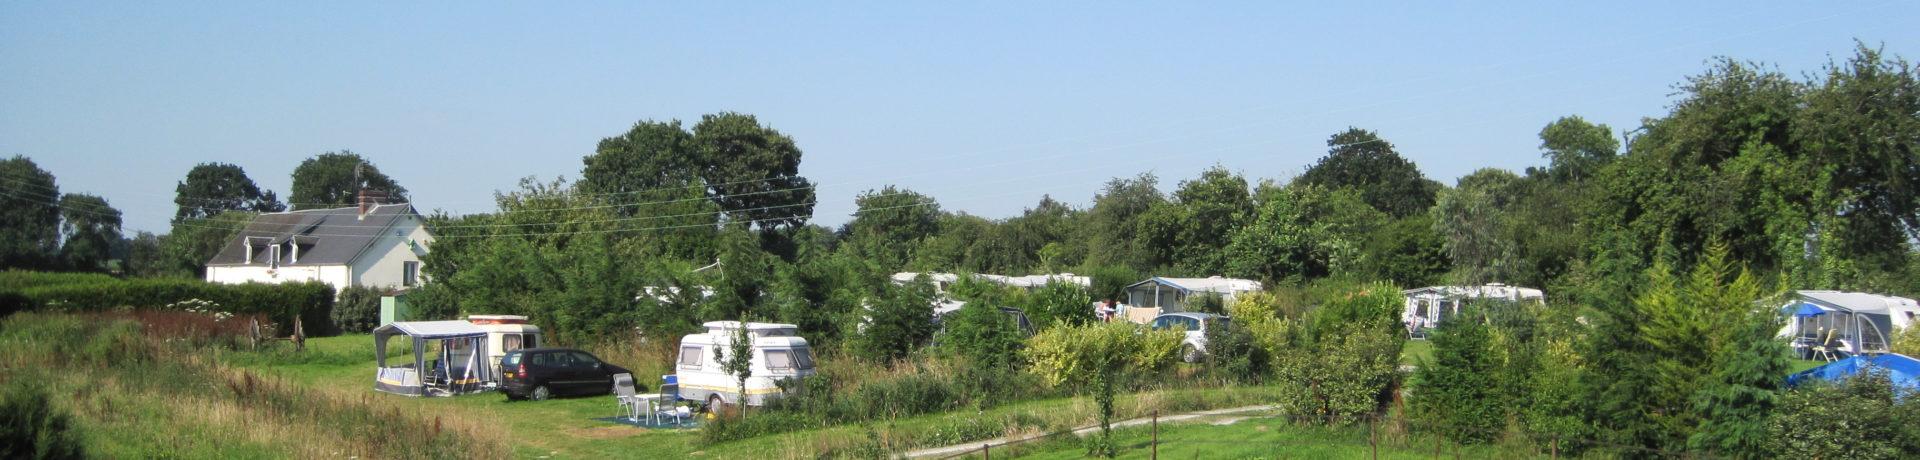 Camping Le Domaine Roqueforette is een kleine camping in Normandië met Nederlandse eigenaren. De camping staat voor rust, natuur en ontspanning.